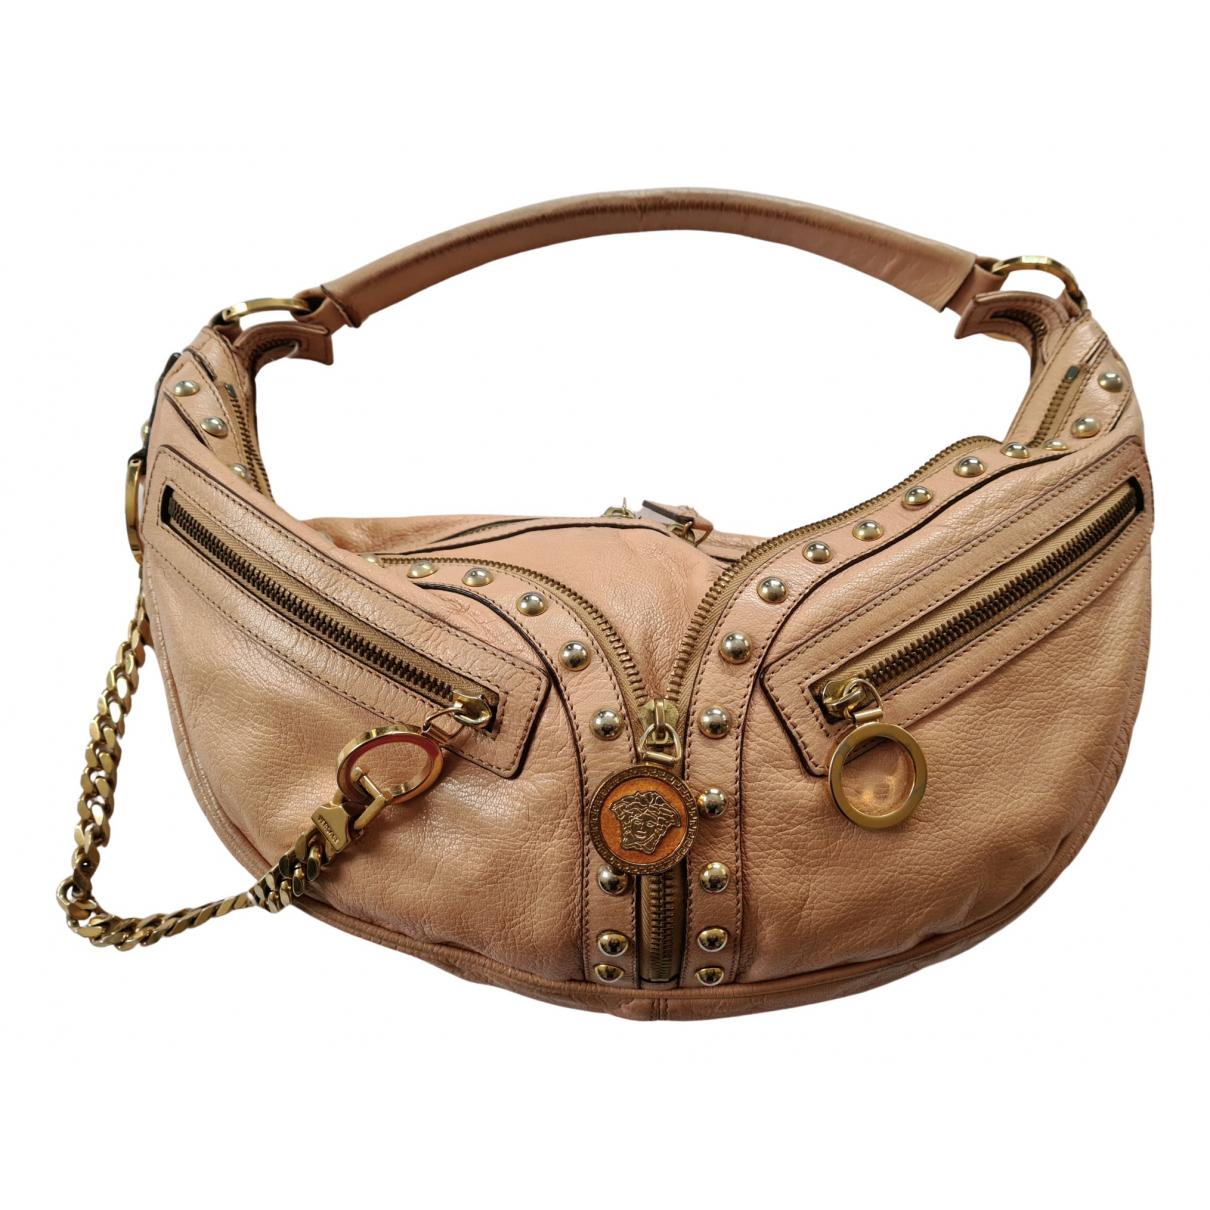 Versace \N Handtasche in  Beige Leder